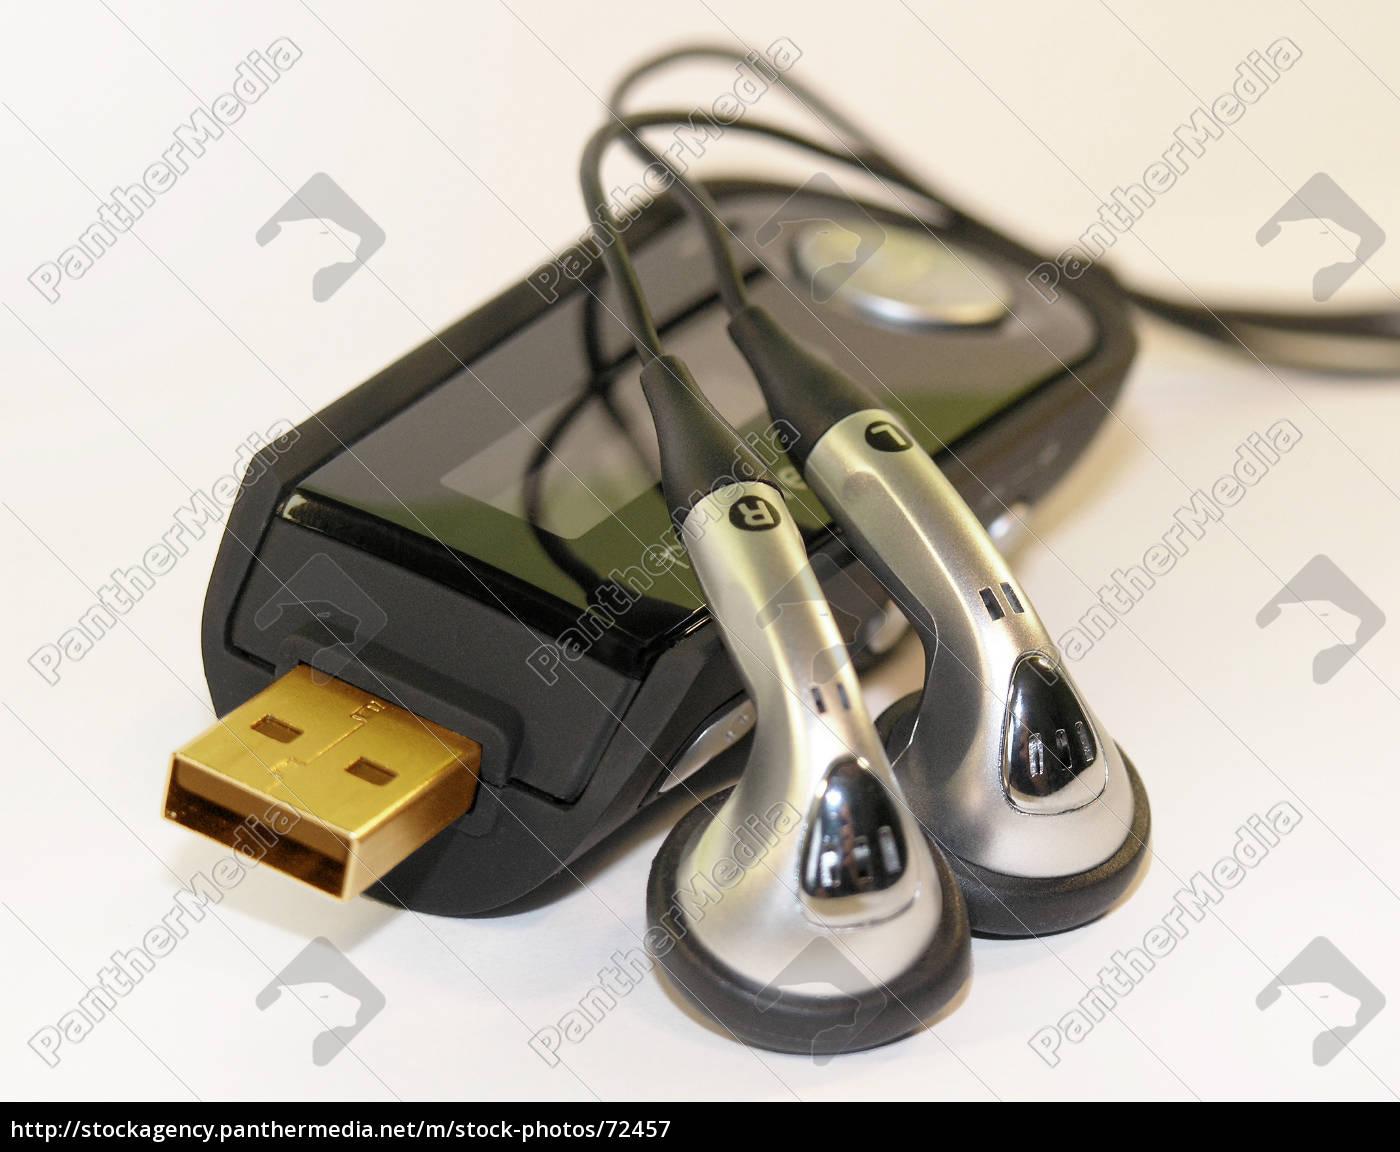 digitalsound - 72457